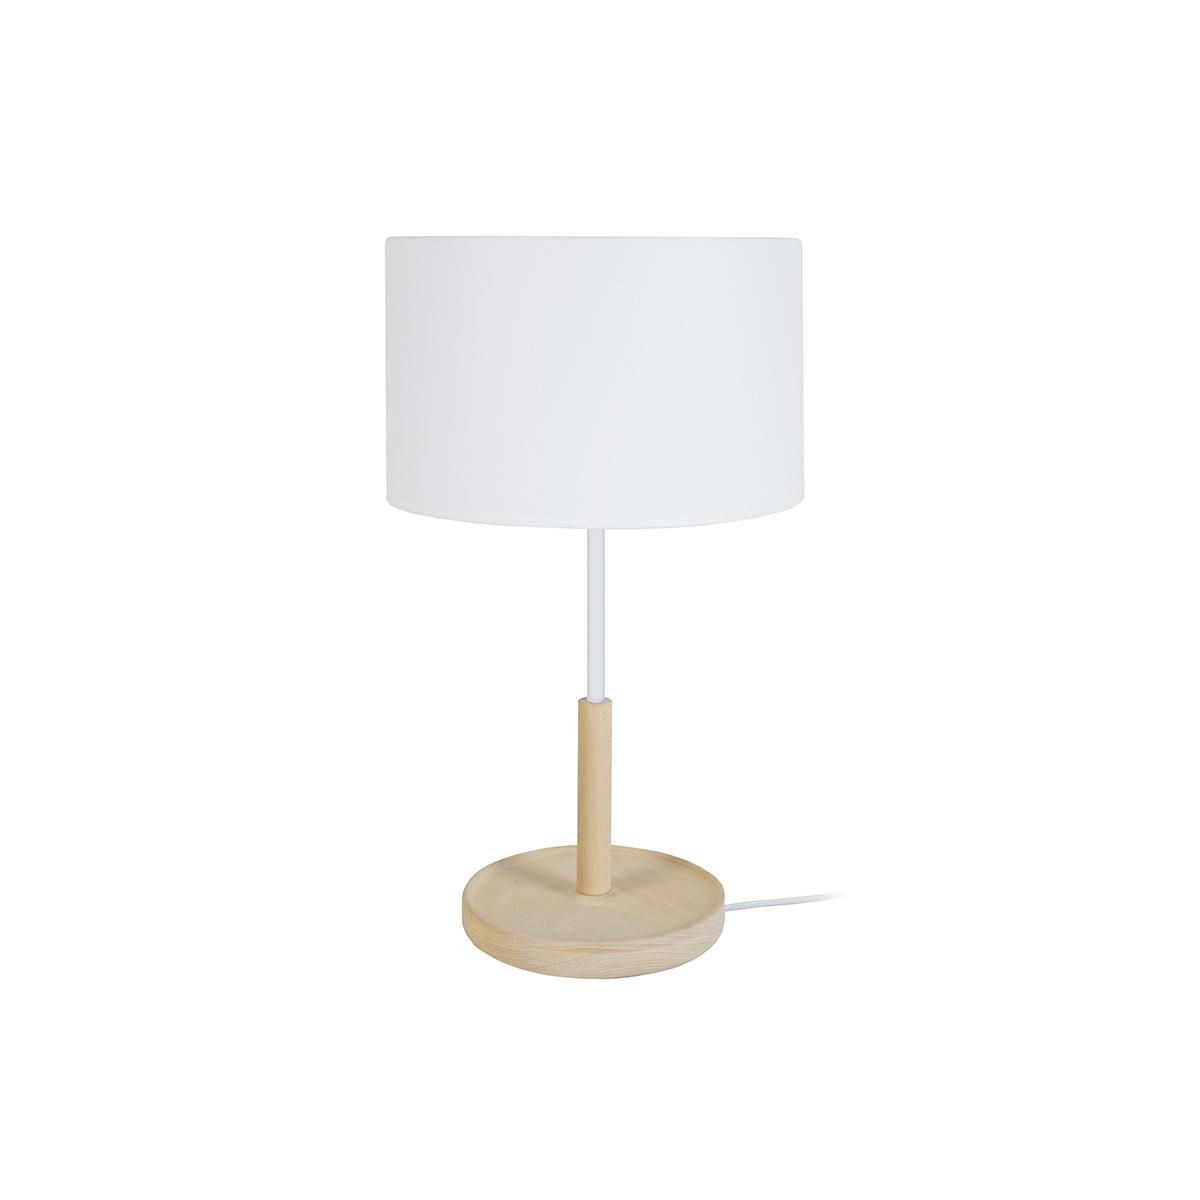 Lampada da tavolo design in legno Bianco ELIOT